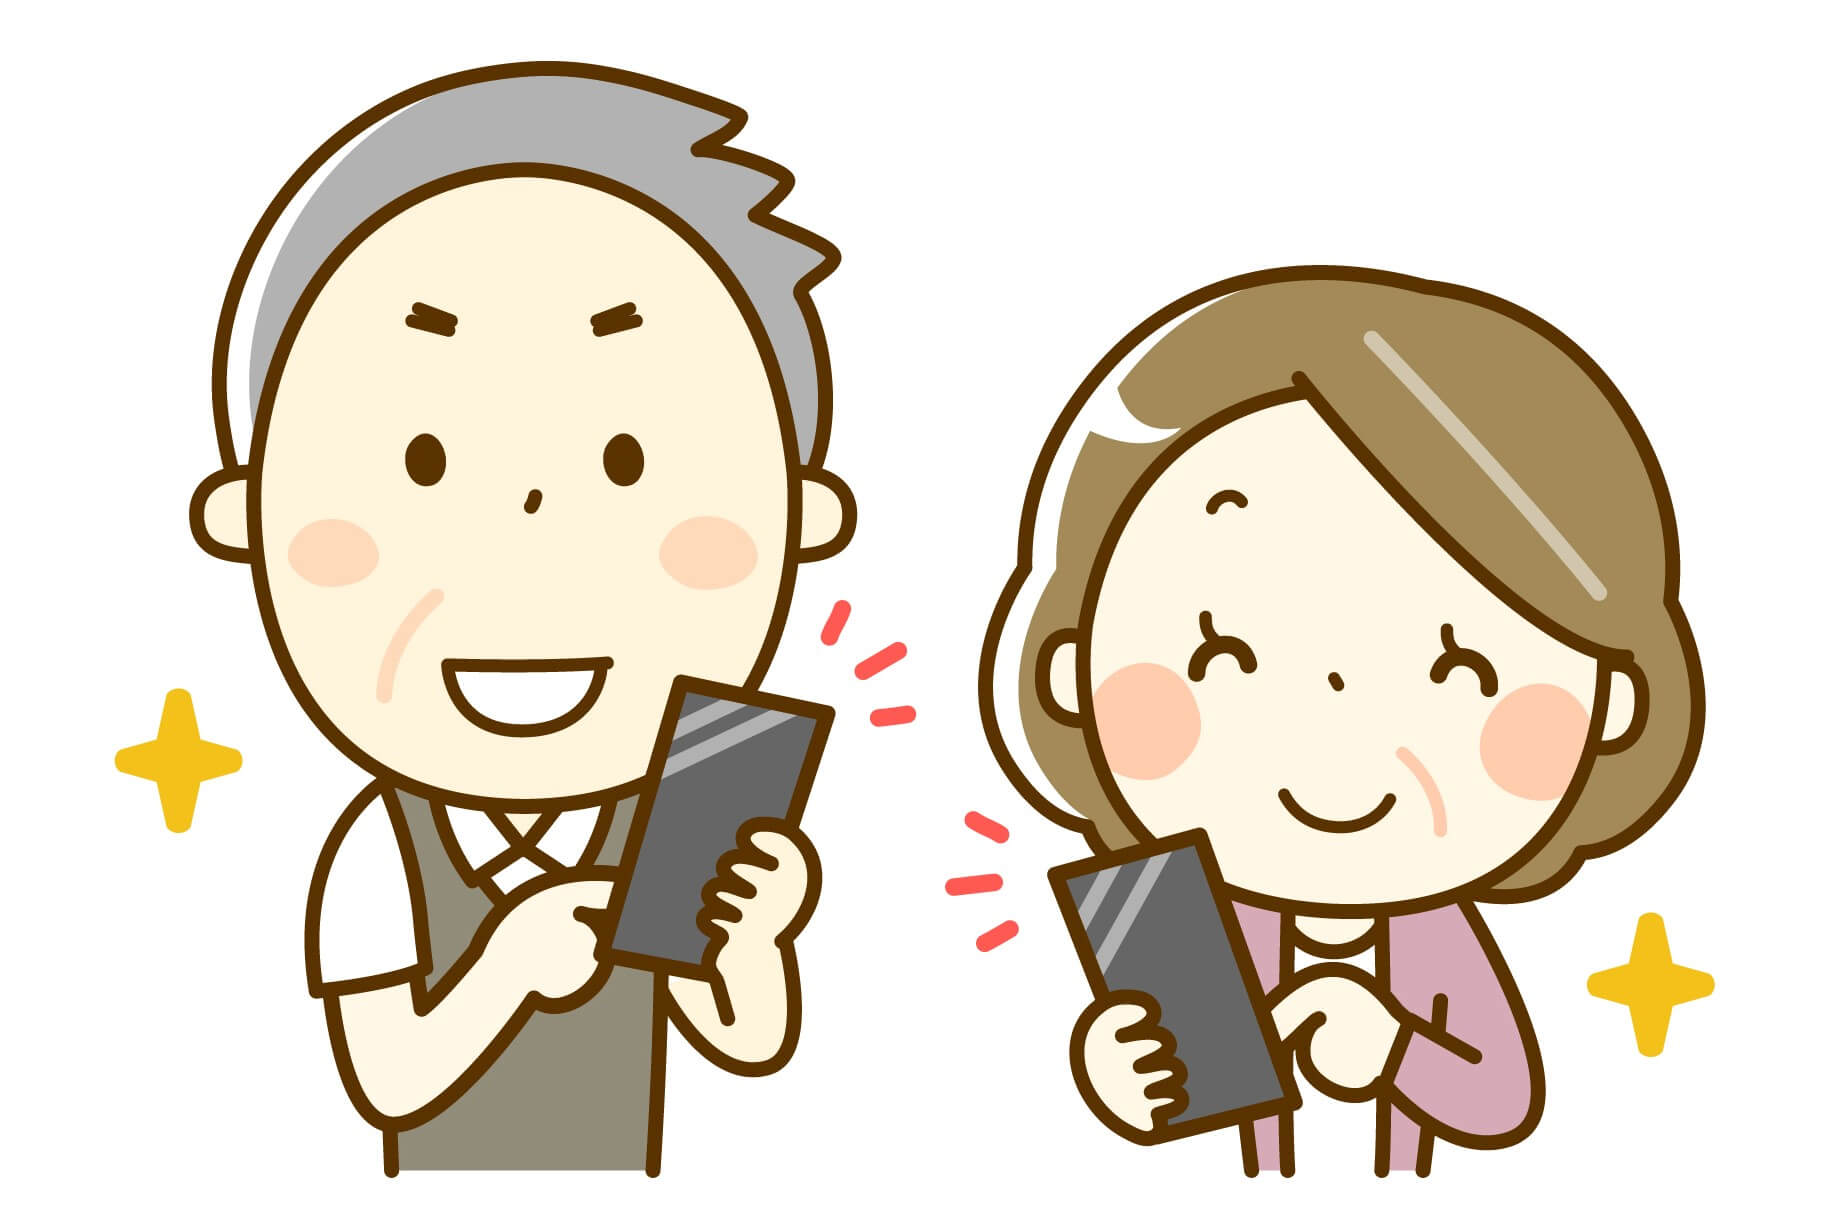 微笑みながらスマートフォン操作している老夫婦